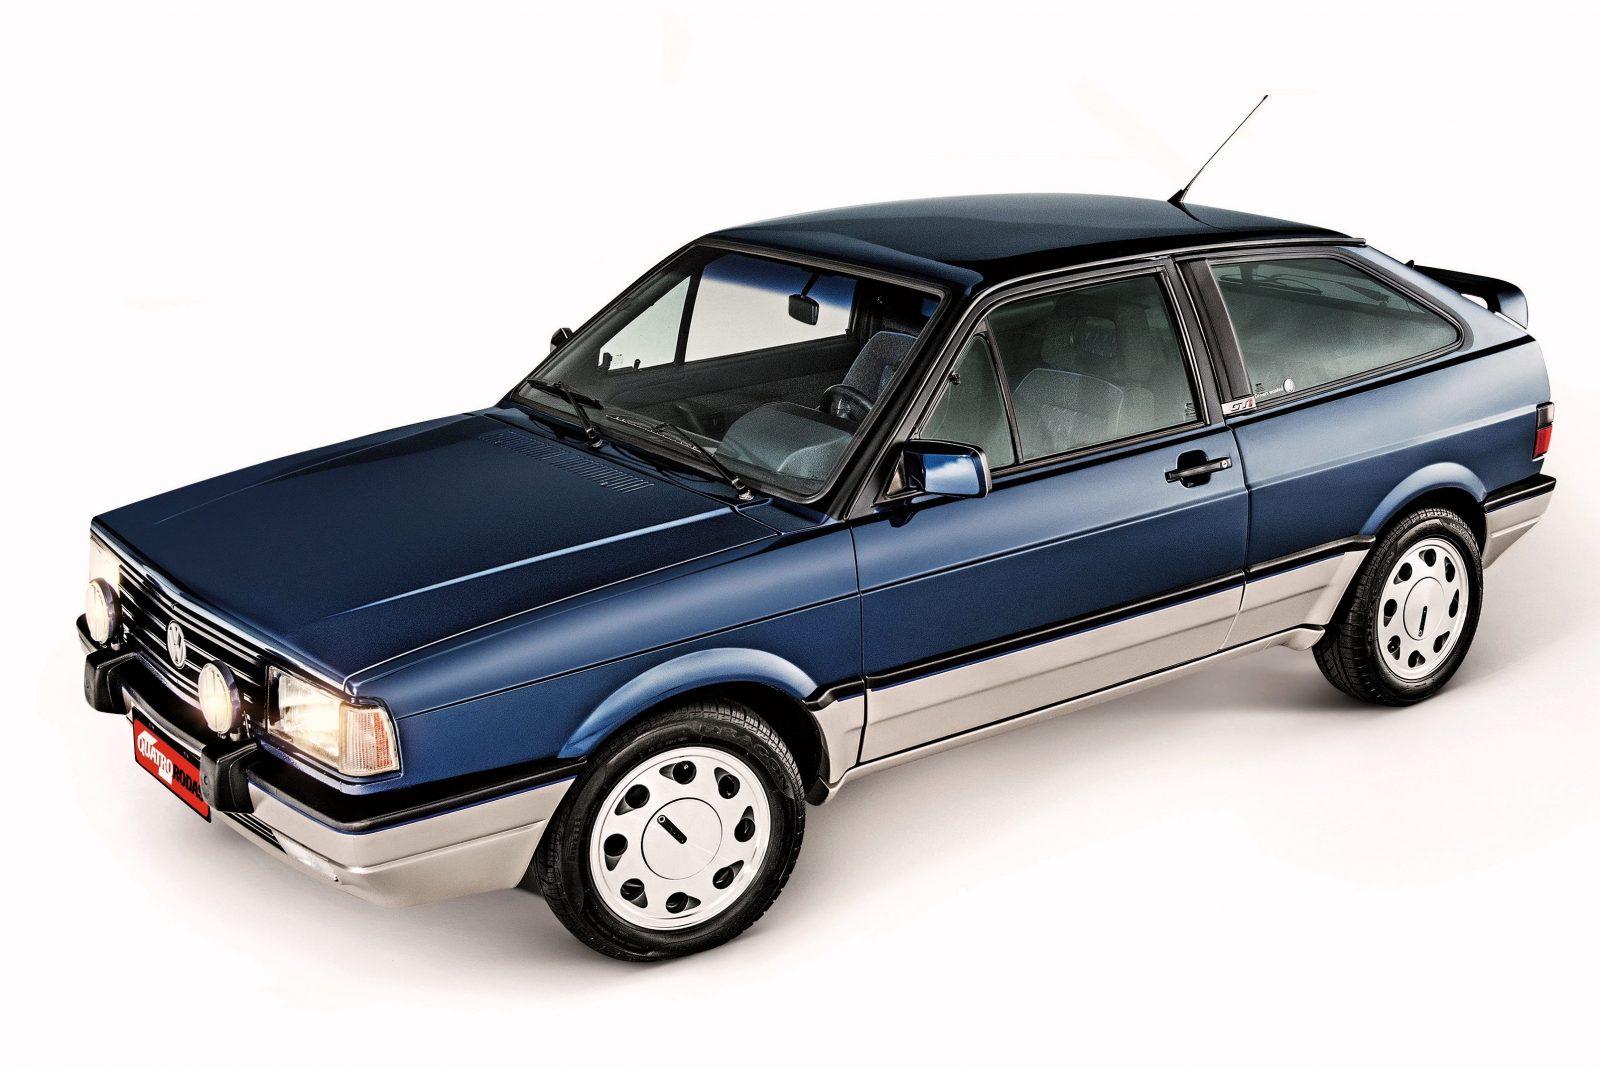 O Gol GTi representou um marco para a indústria automotiva brasileira